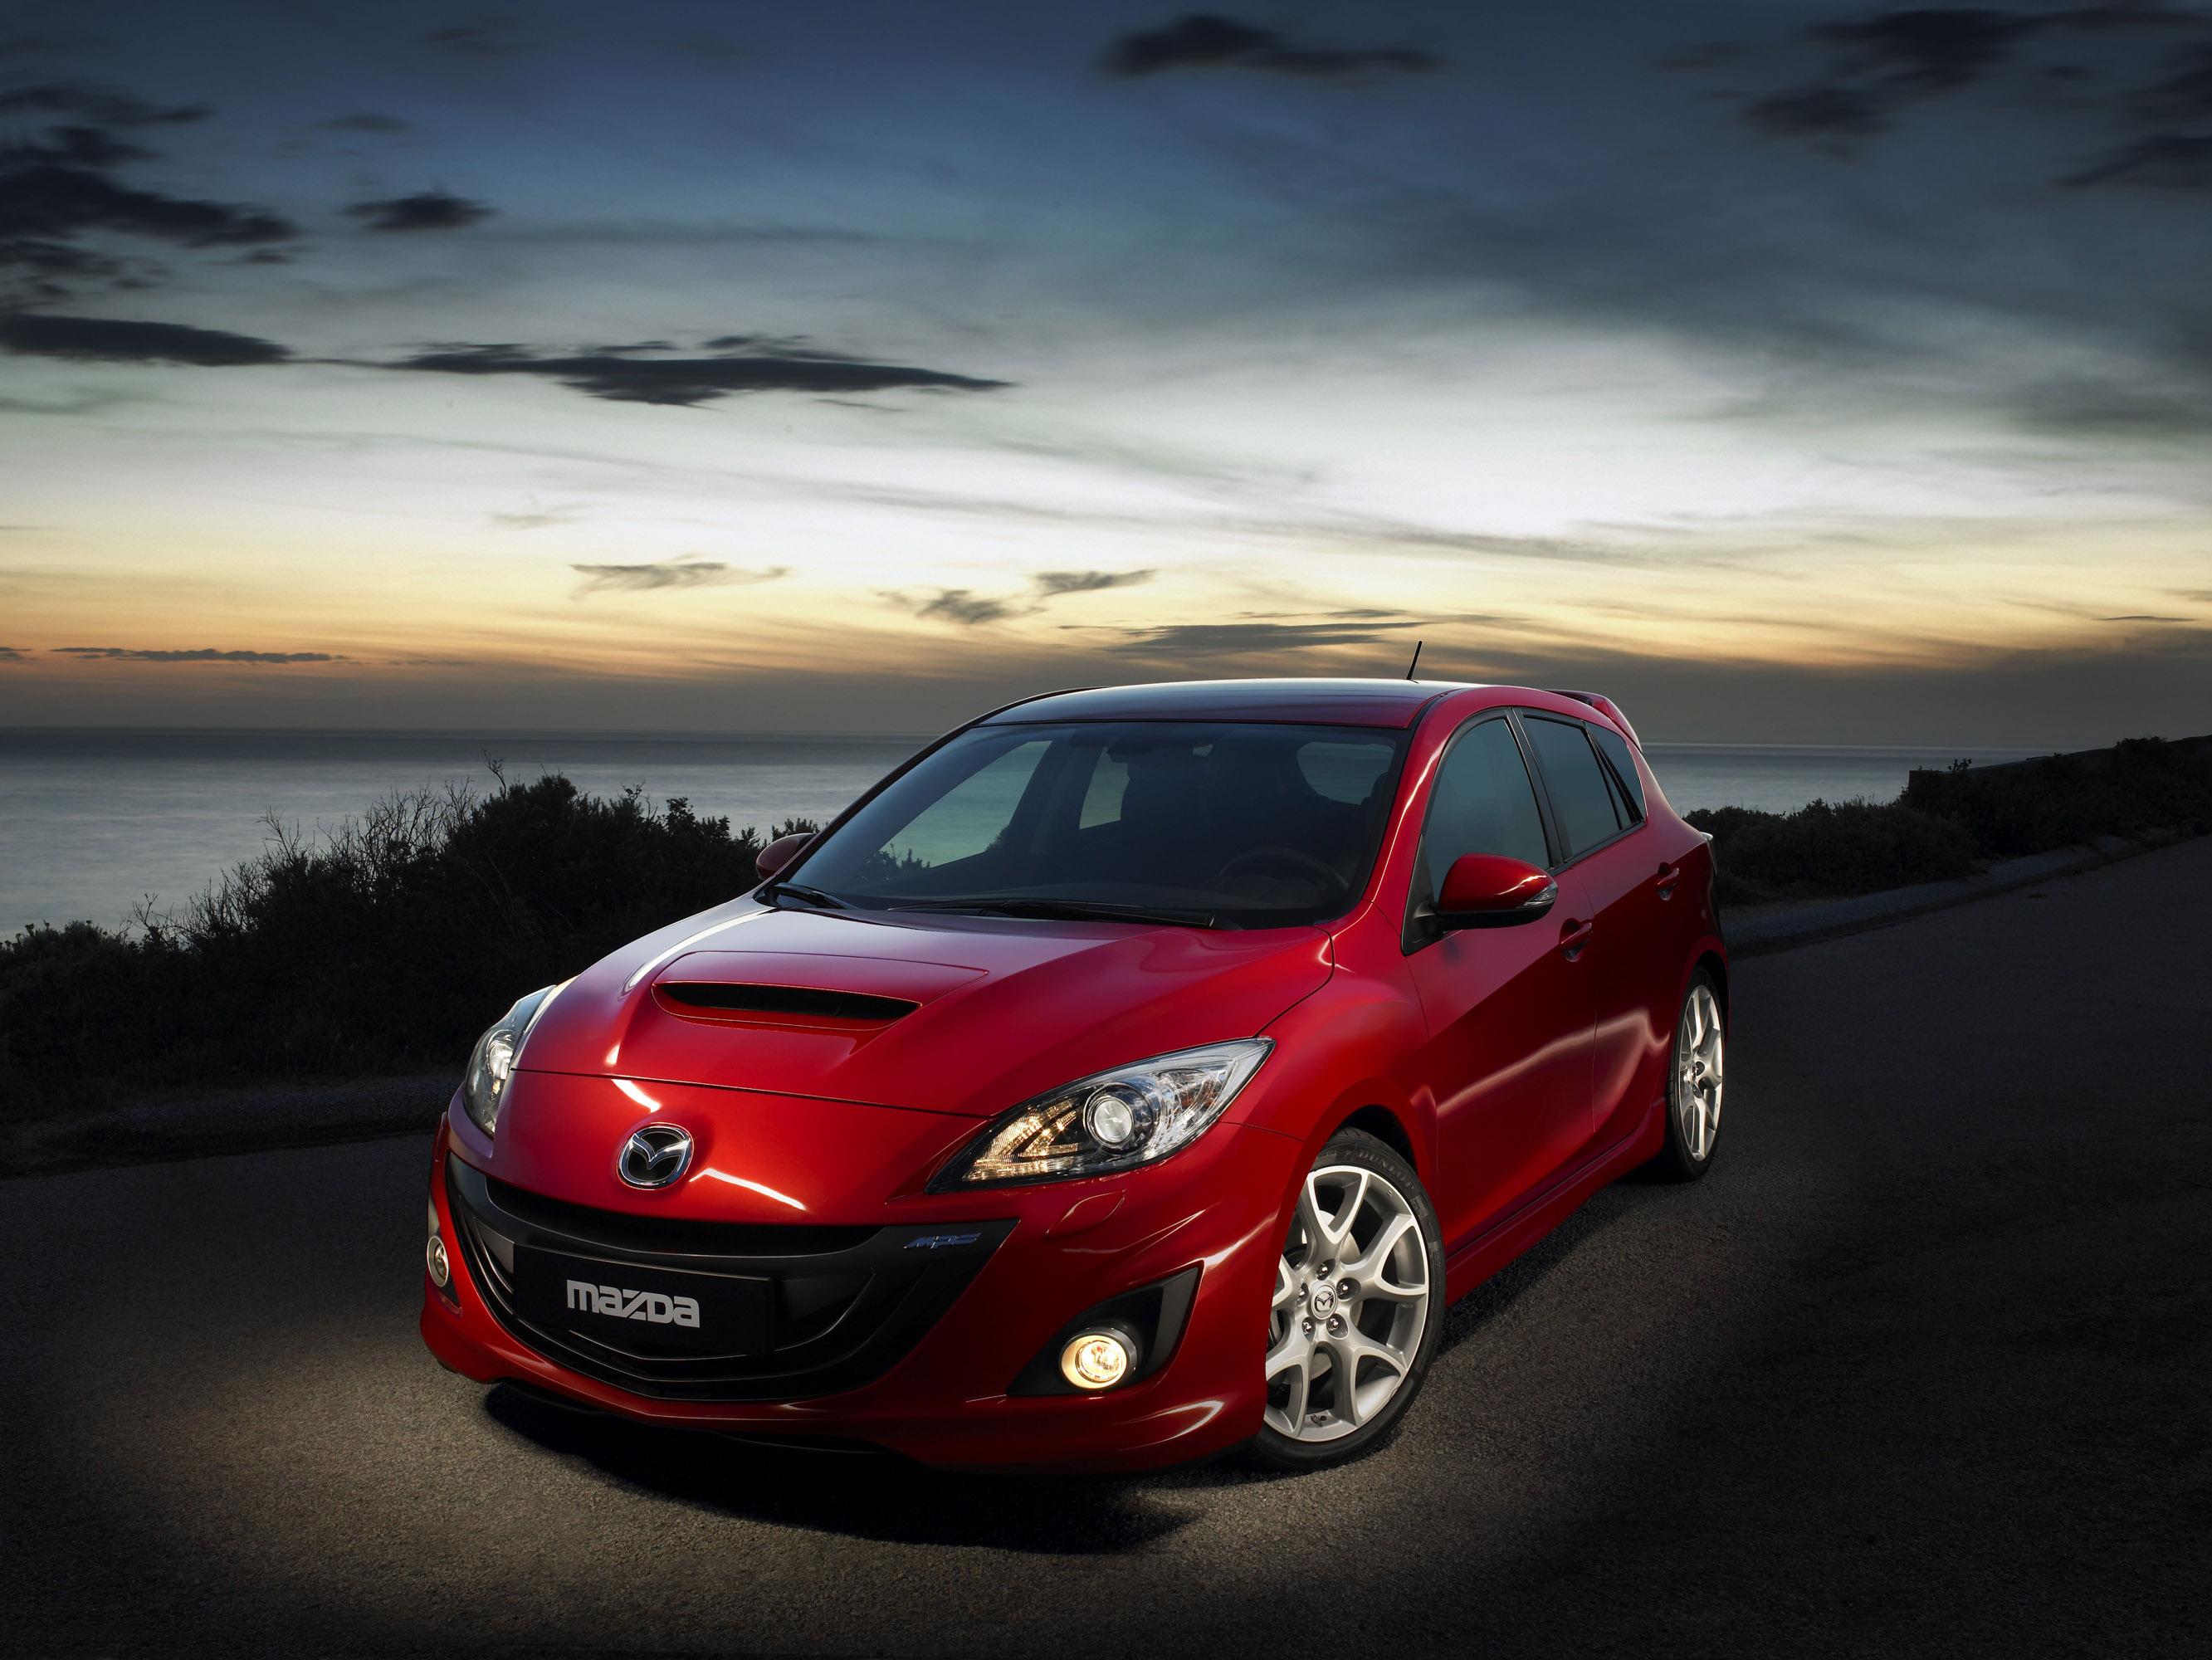 Mazda 3 MPS photo #1